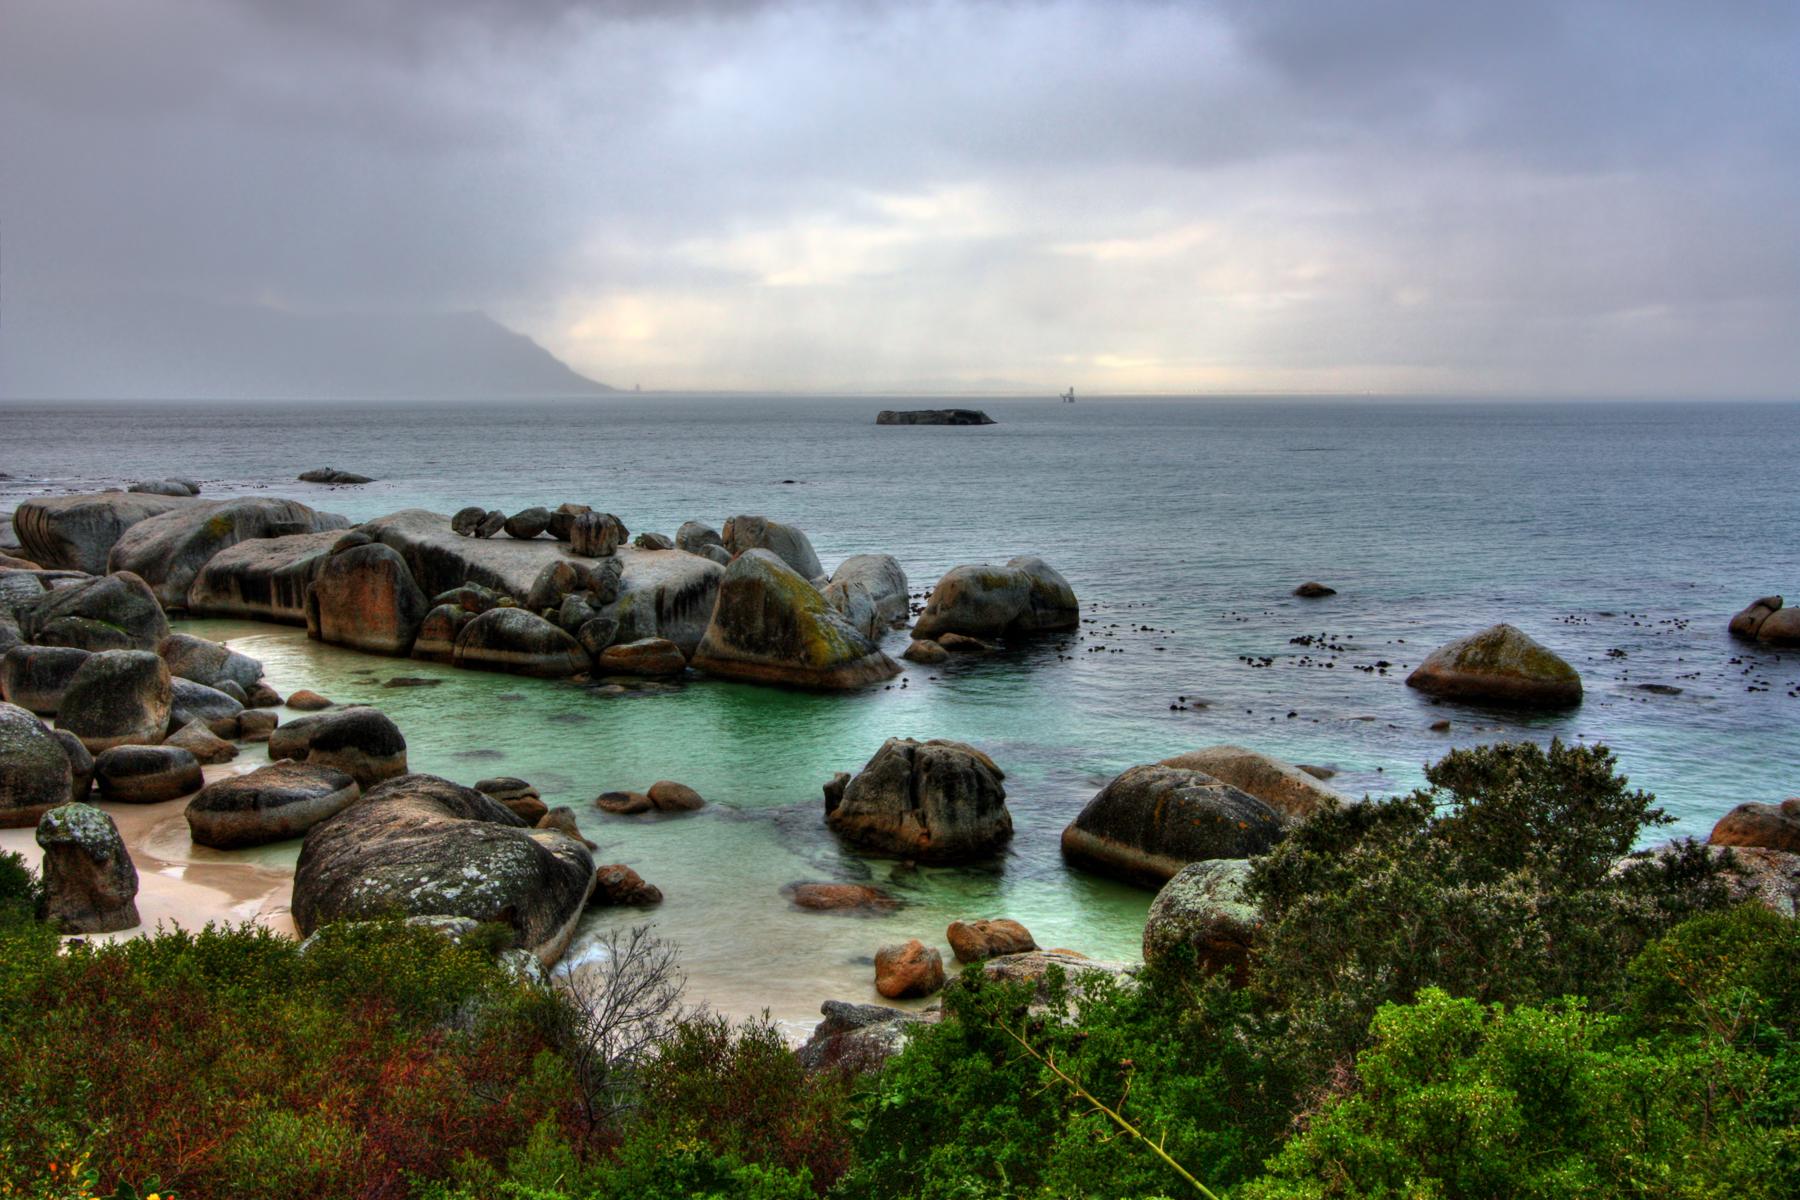 Lugares paradisíacos podem ser curtidos e é ótima opção para quem quer relaxar (Foto: Divulgação)